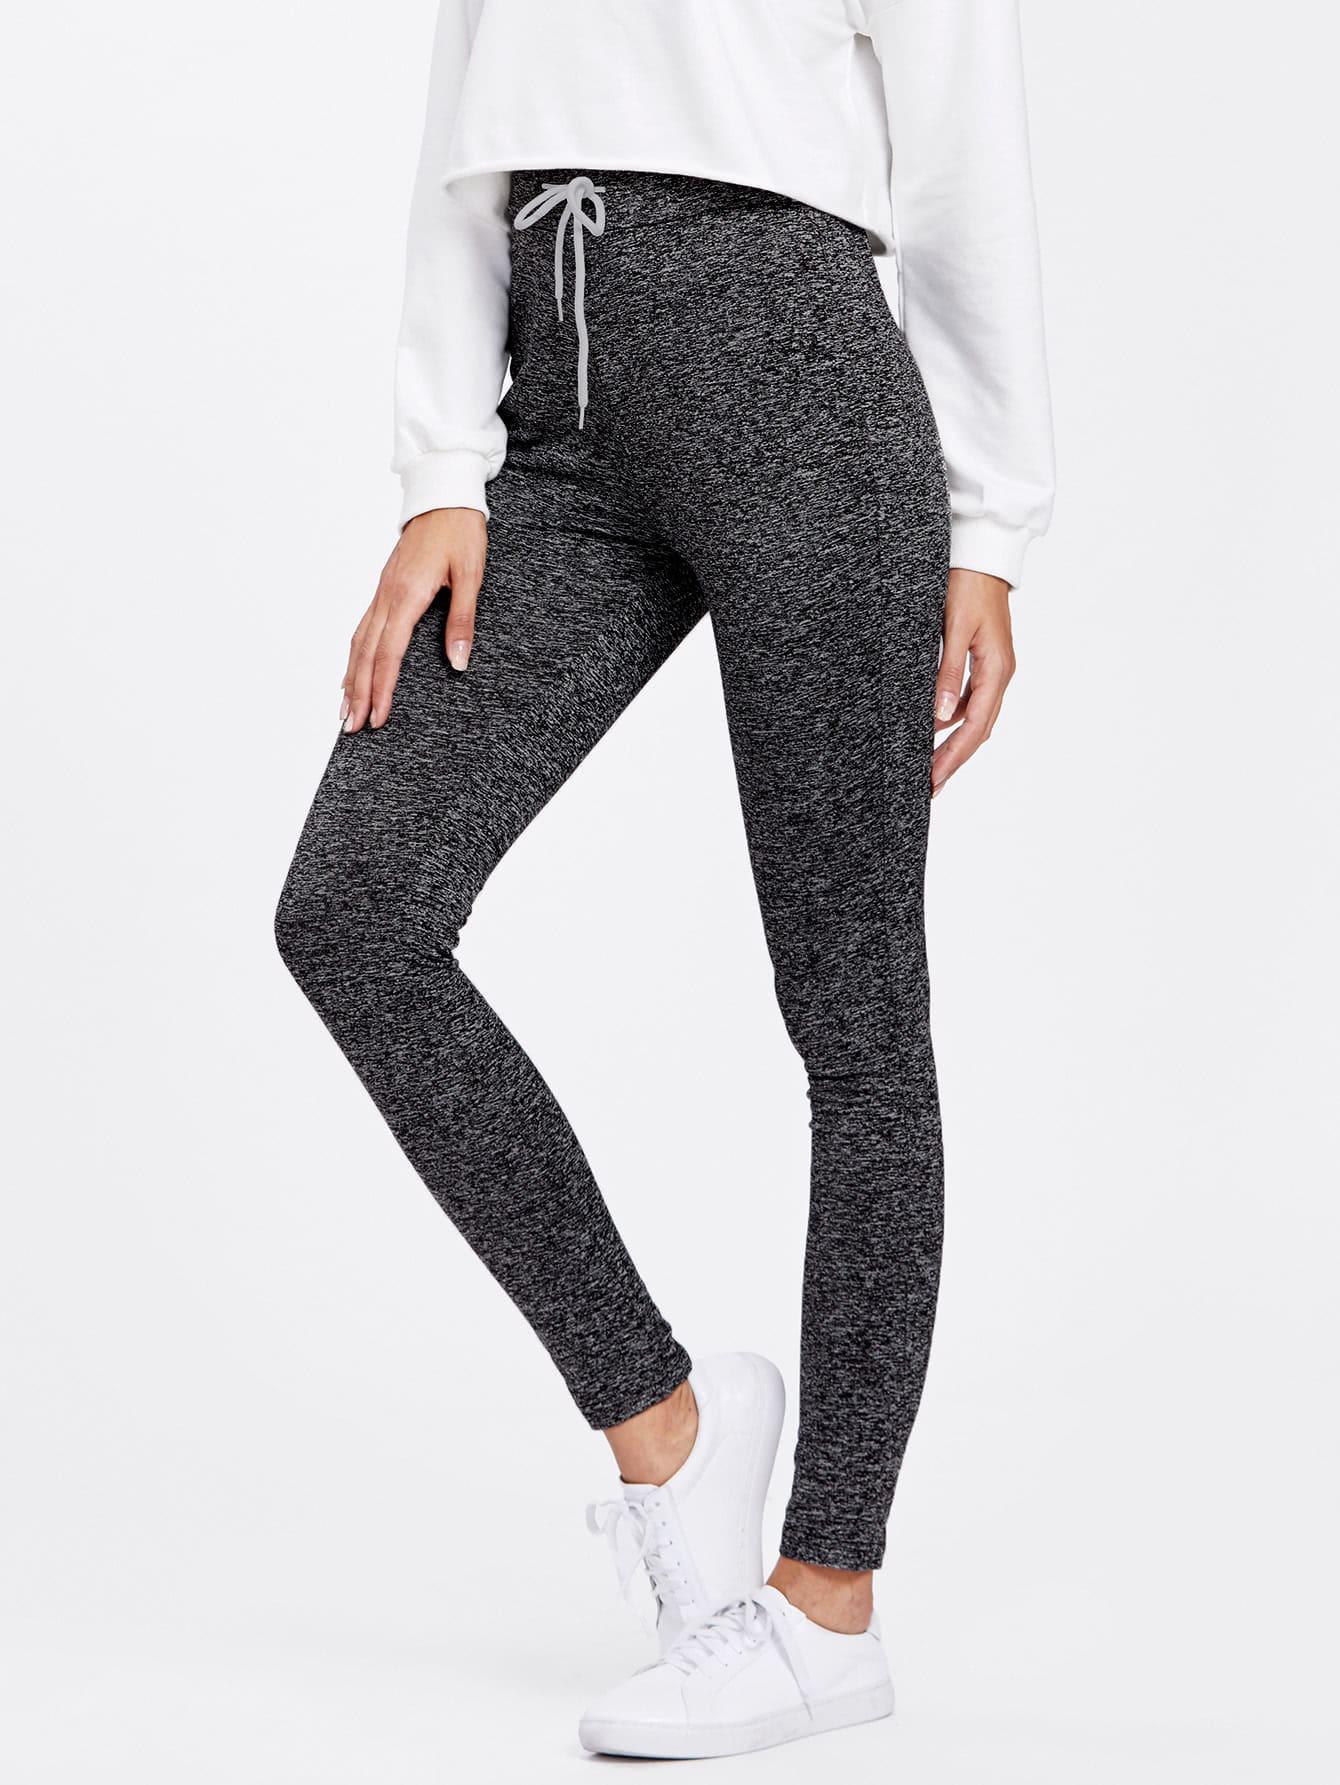 Drawstring Waist Skinny Leggings empire skinny leggings